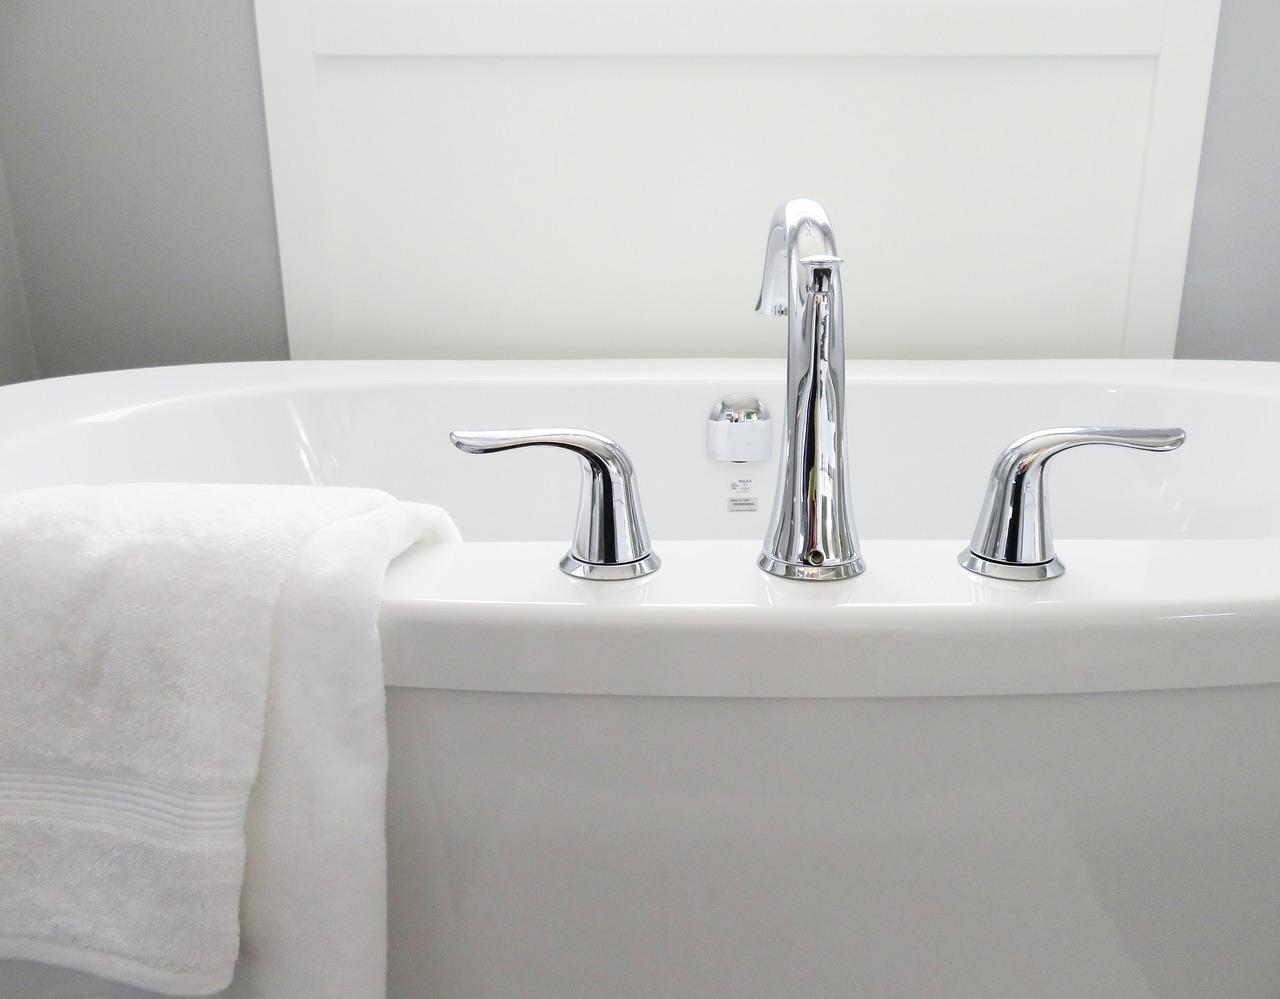 Vasche Da Bagno In Vetroresina Misure : Sovrapposizione vasca da bagno come funziona e quanto costa